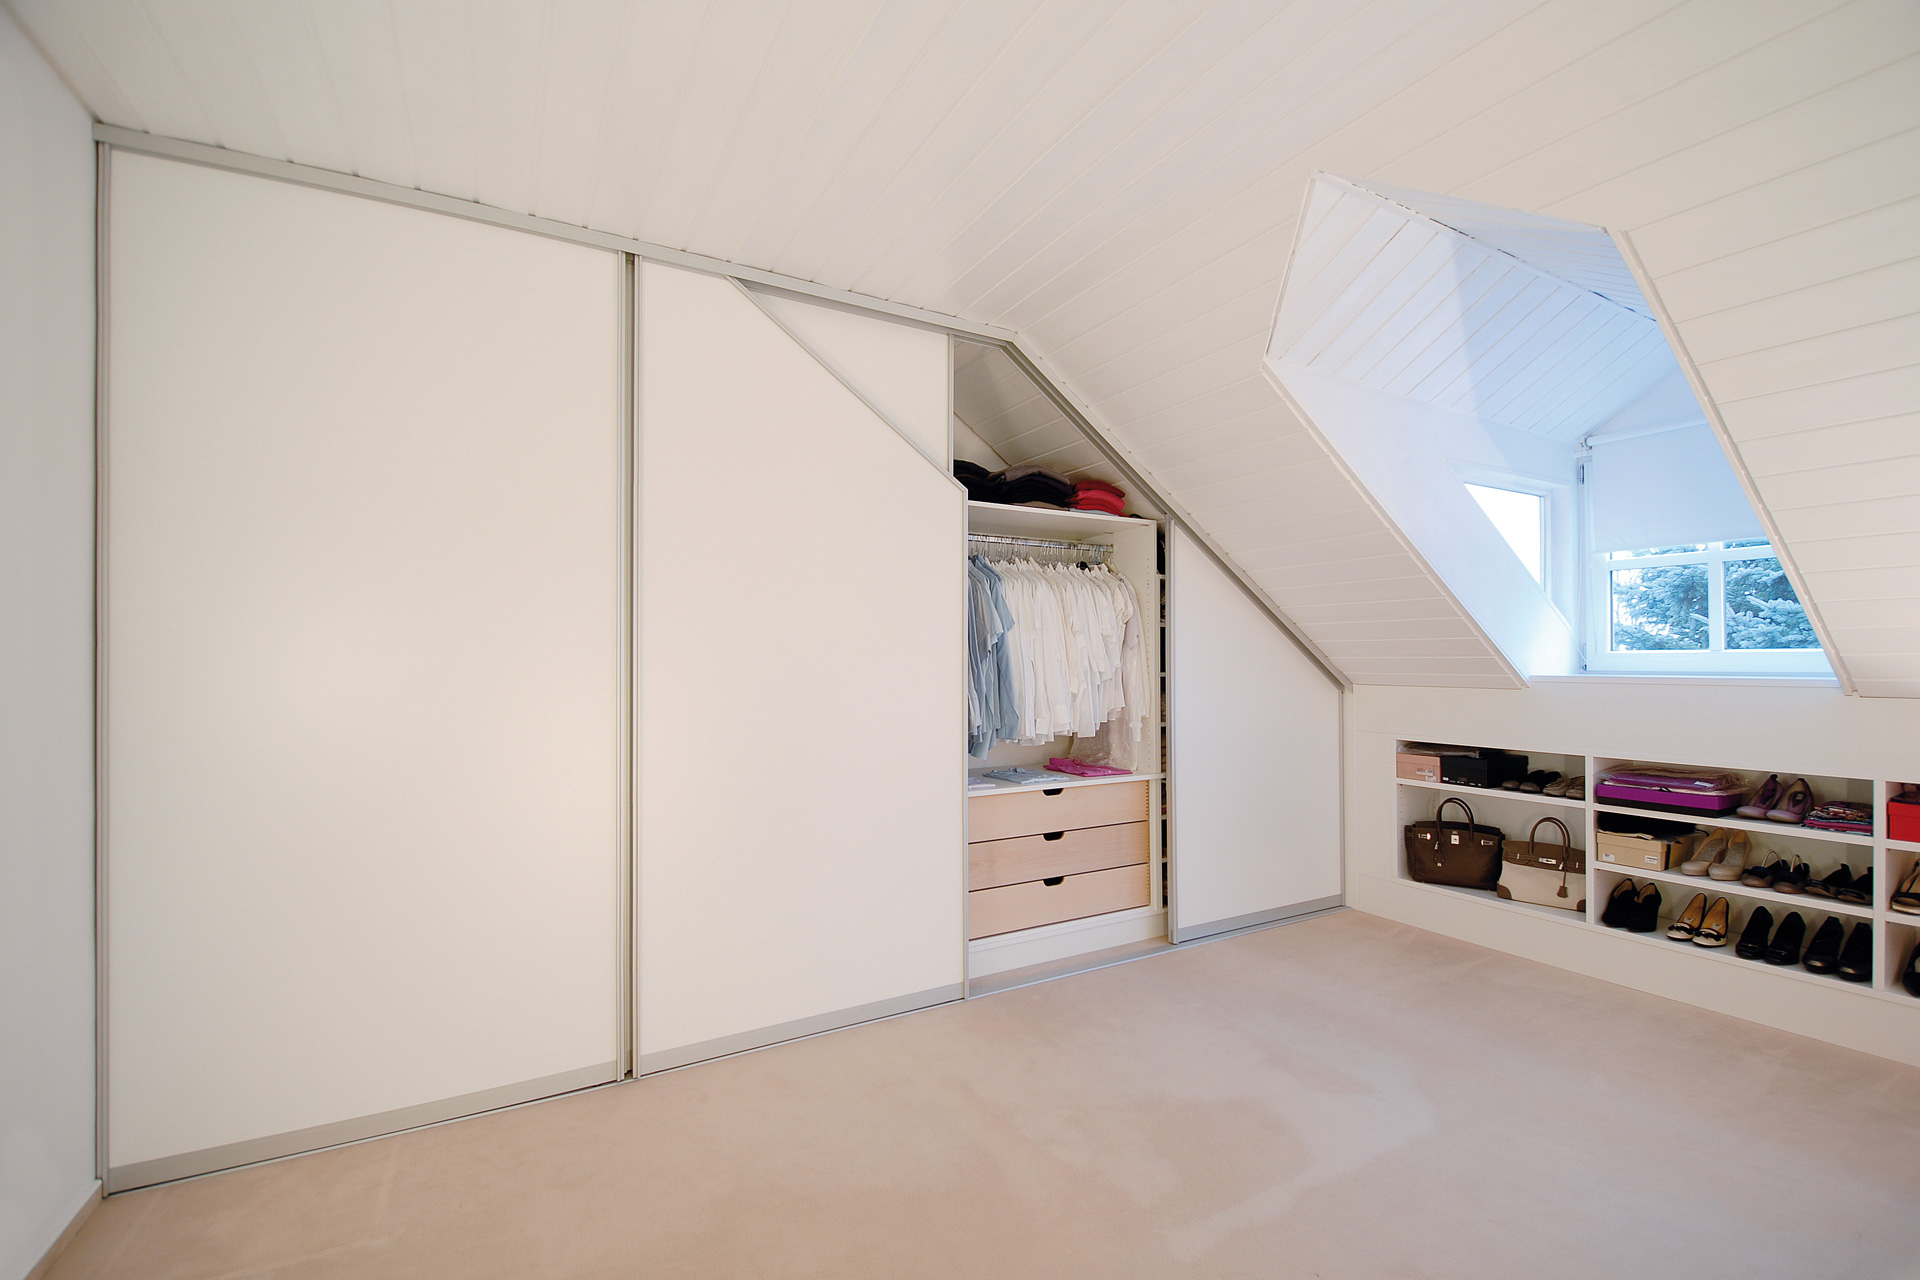 Einbauschrank in Dachschräge - Ihr Schreiner Thaler – Möbel fürs Leben